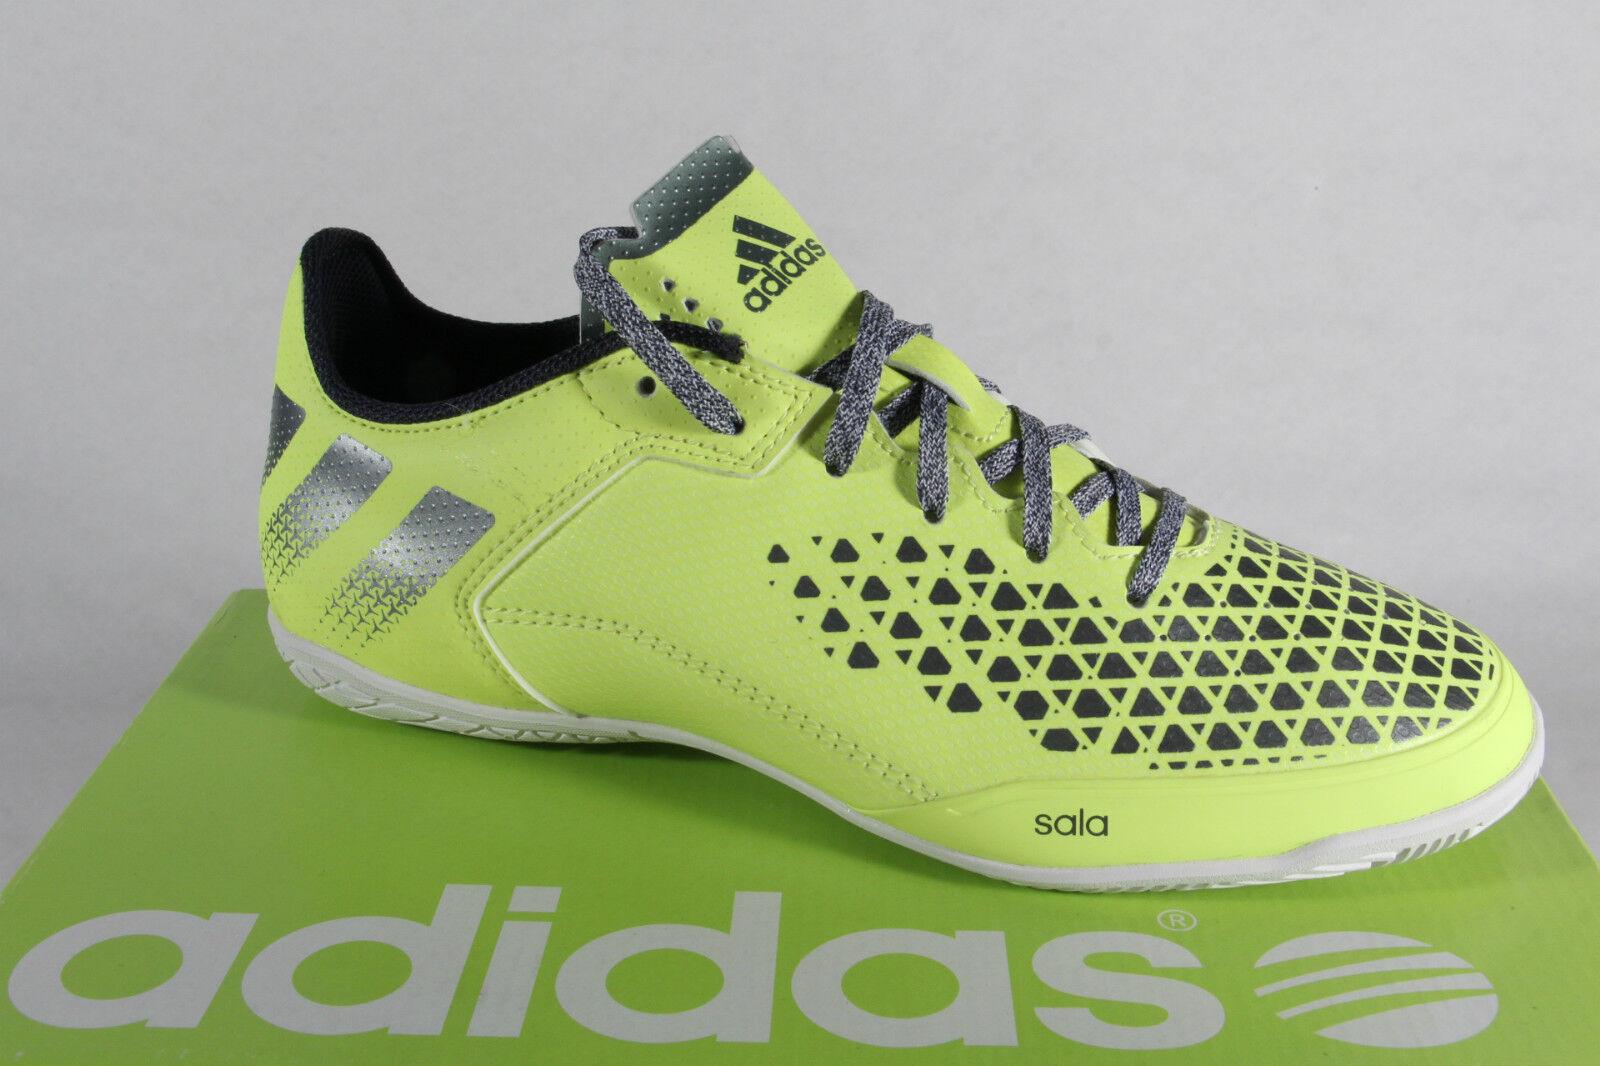 Adidas Herren Court Sportschuh ACE 16.3 Court Herren gelb  Neu 042a44